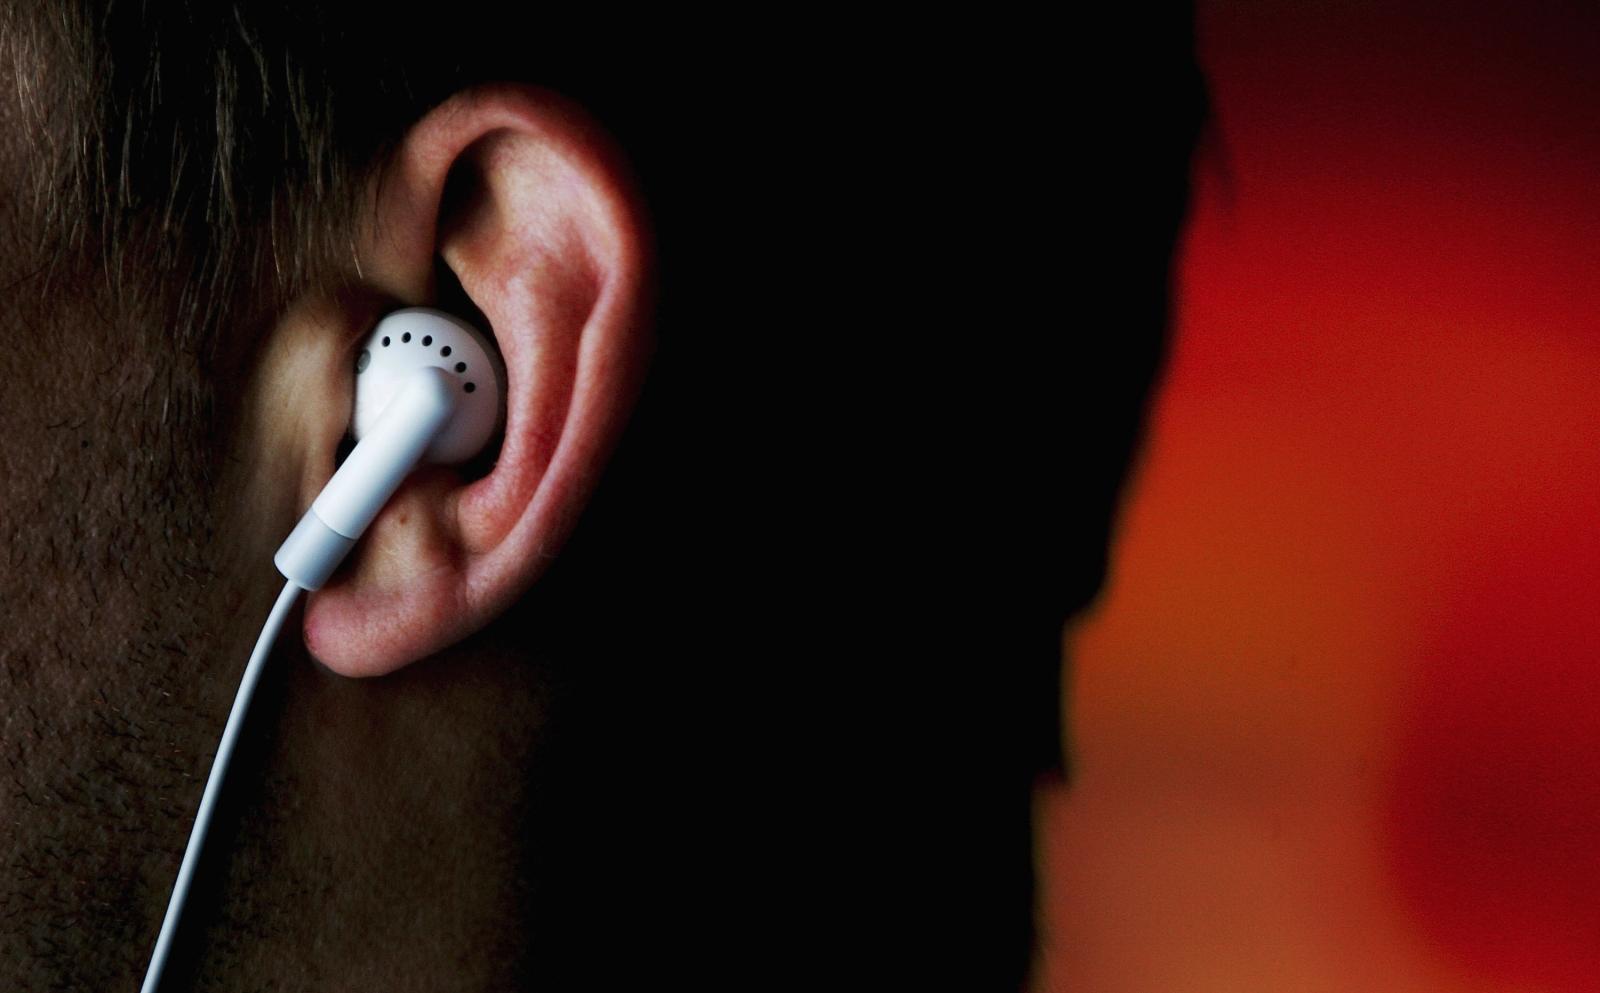 Apple working on wireless earbuds